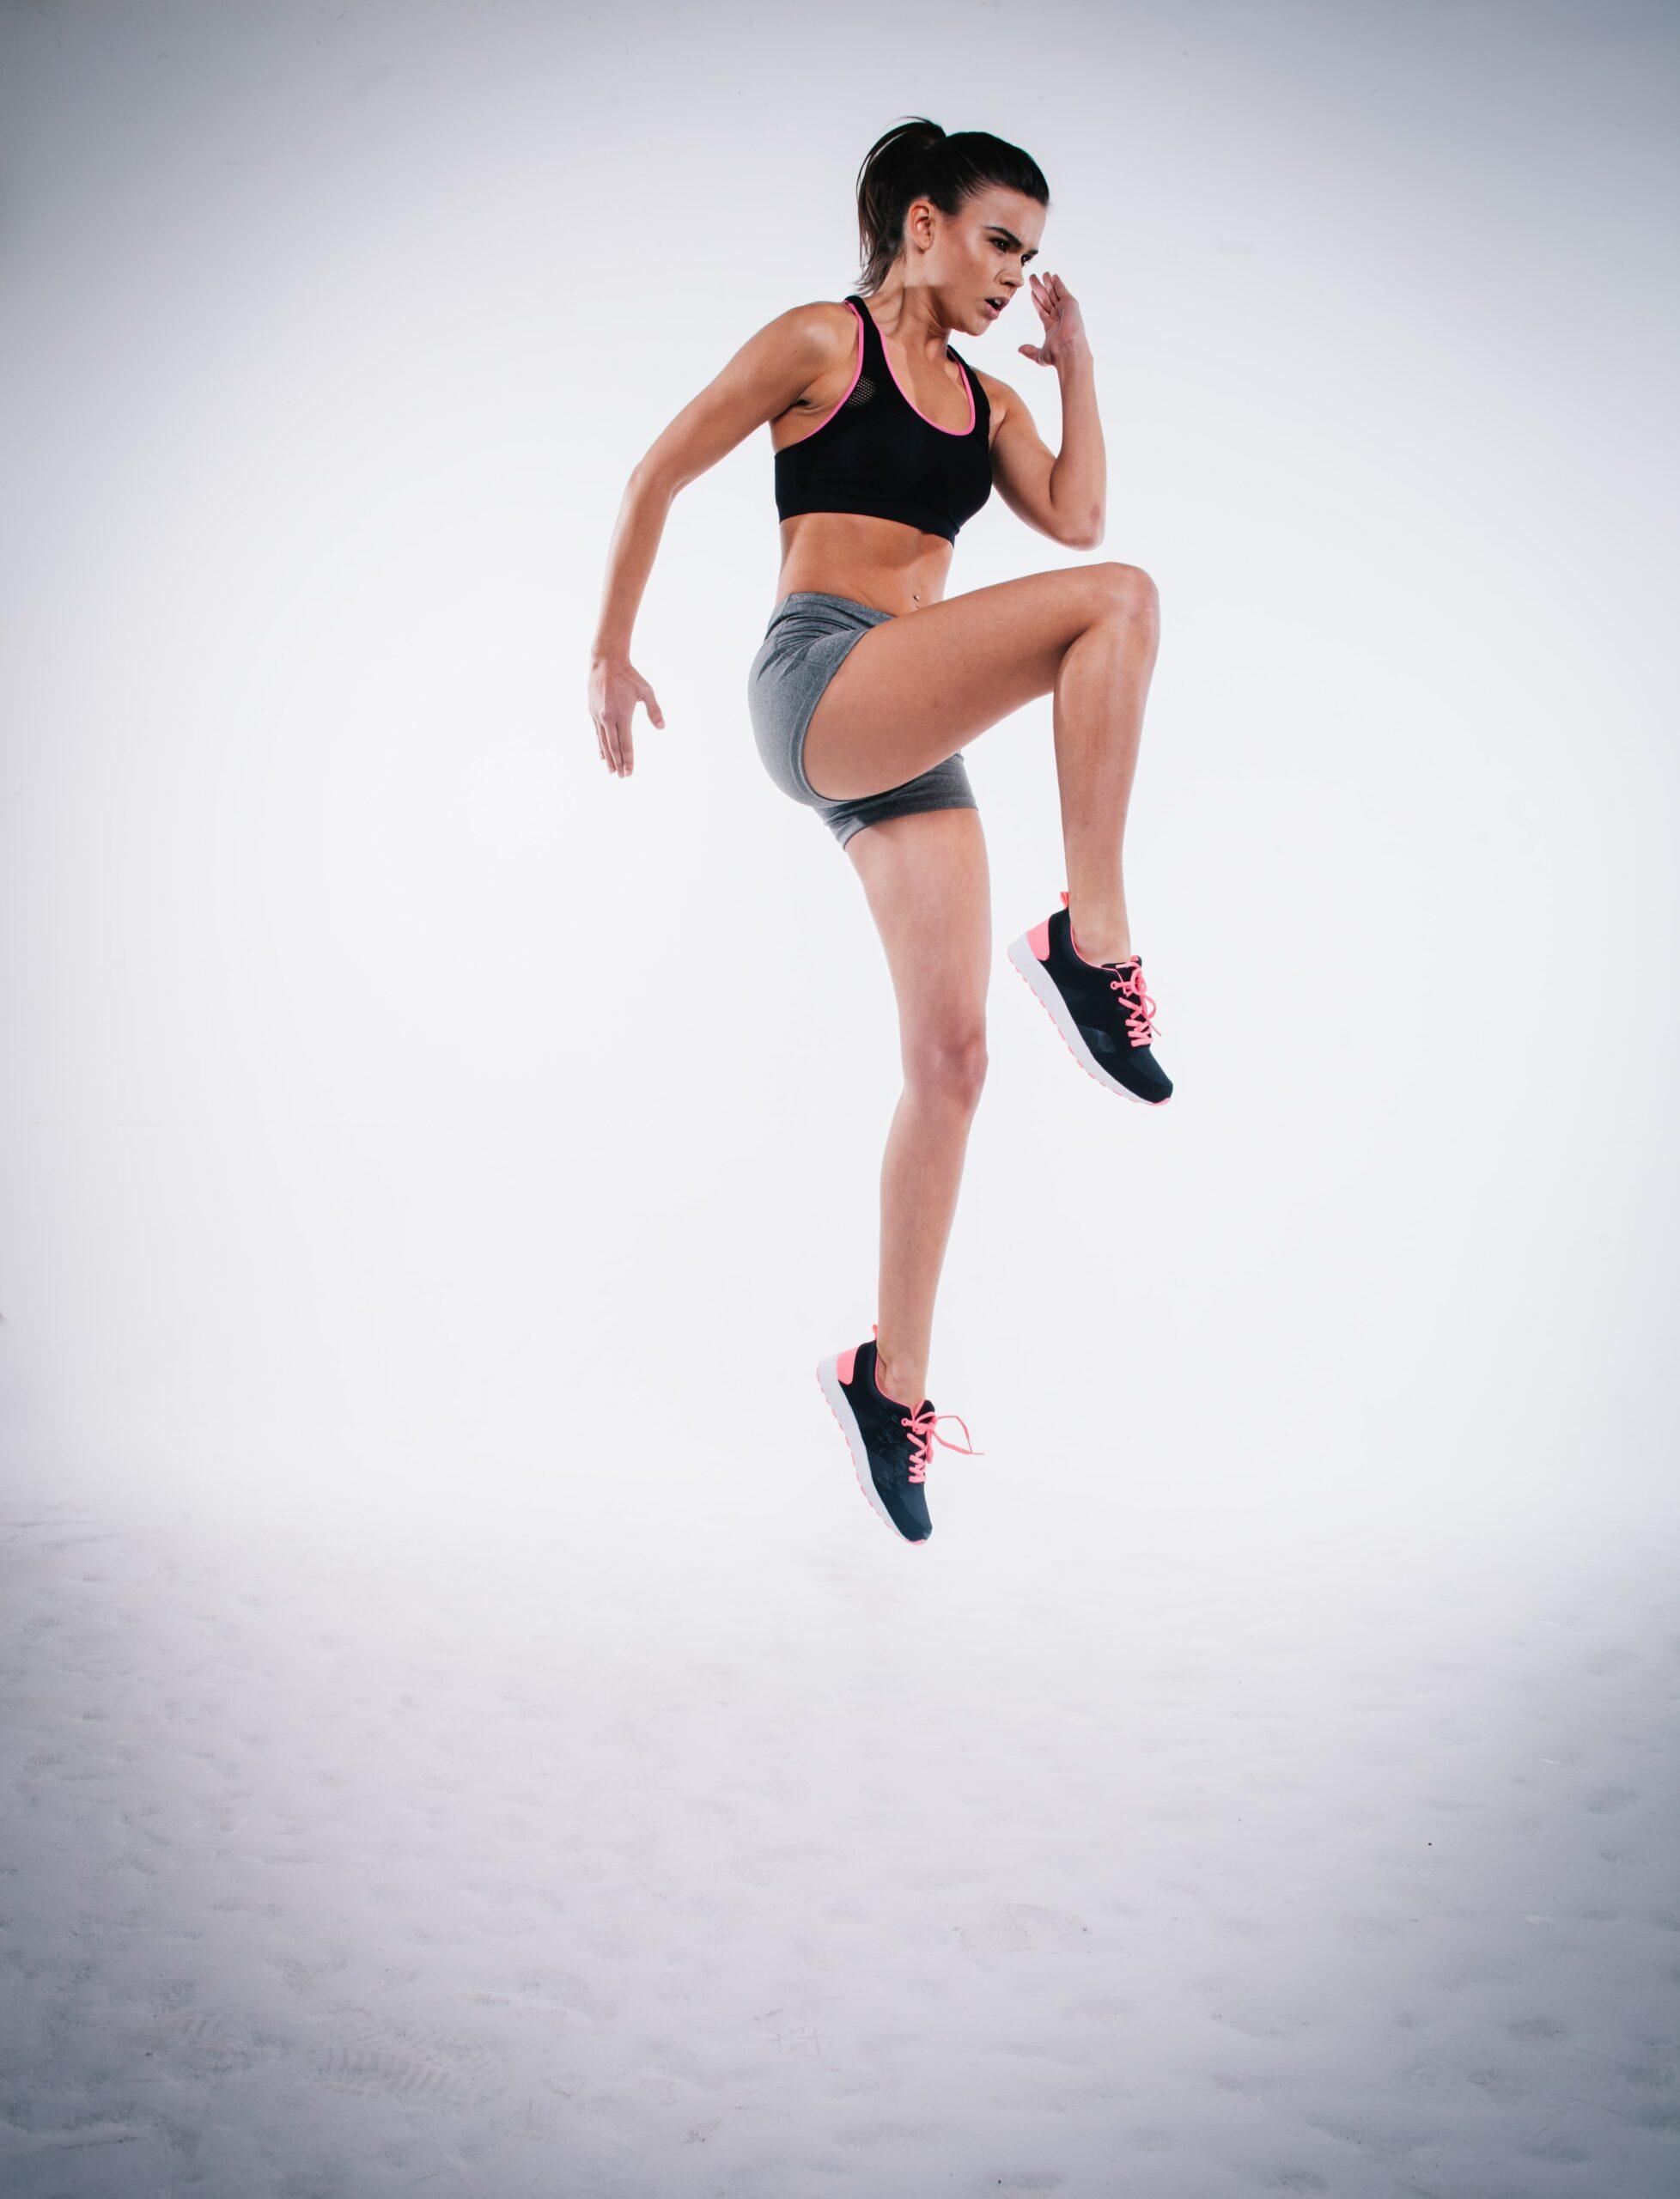 sport trainen sportmedisch centrum lebbeke sprongkracht personal trainer